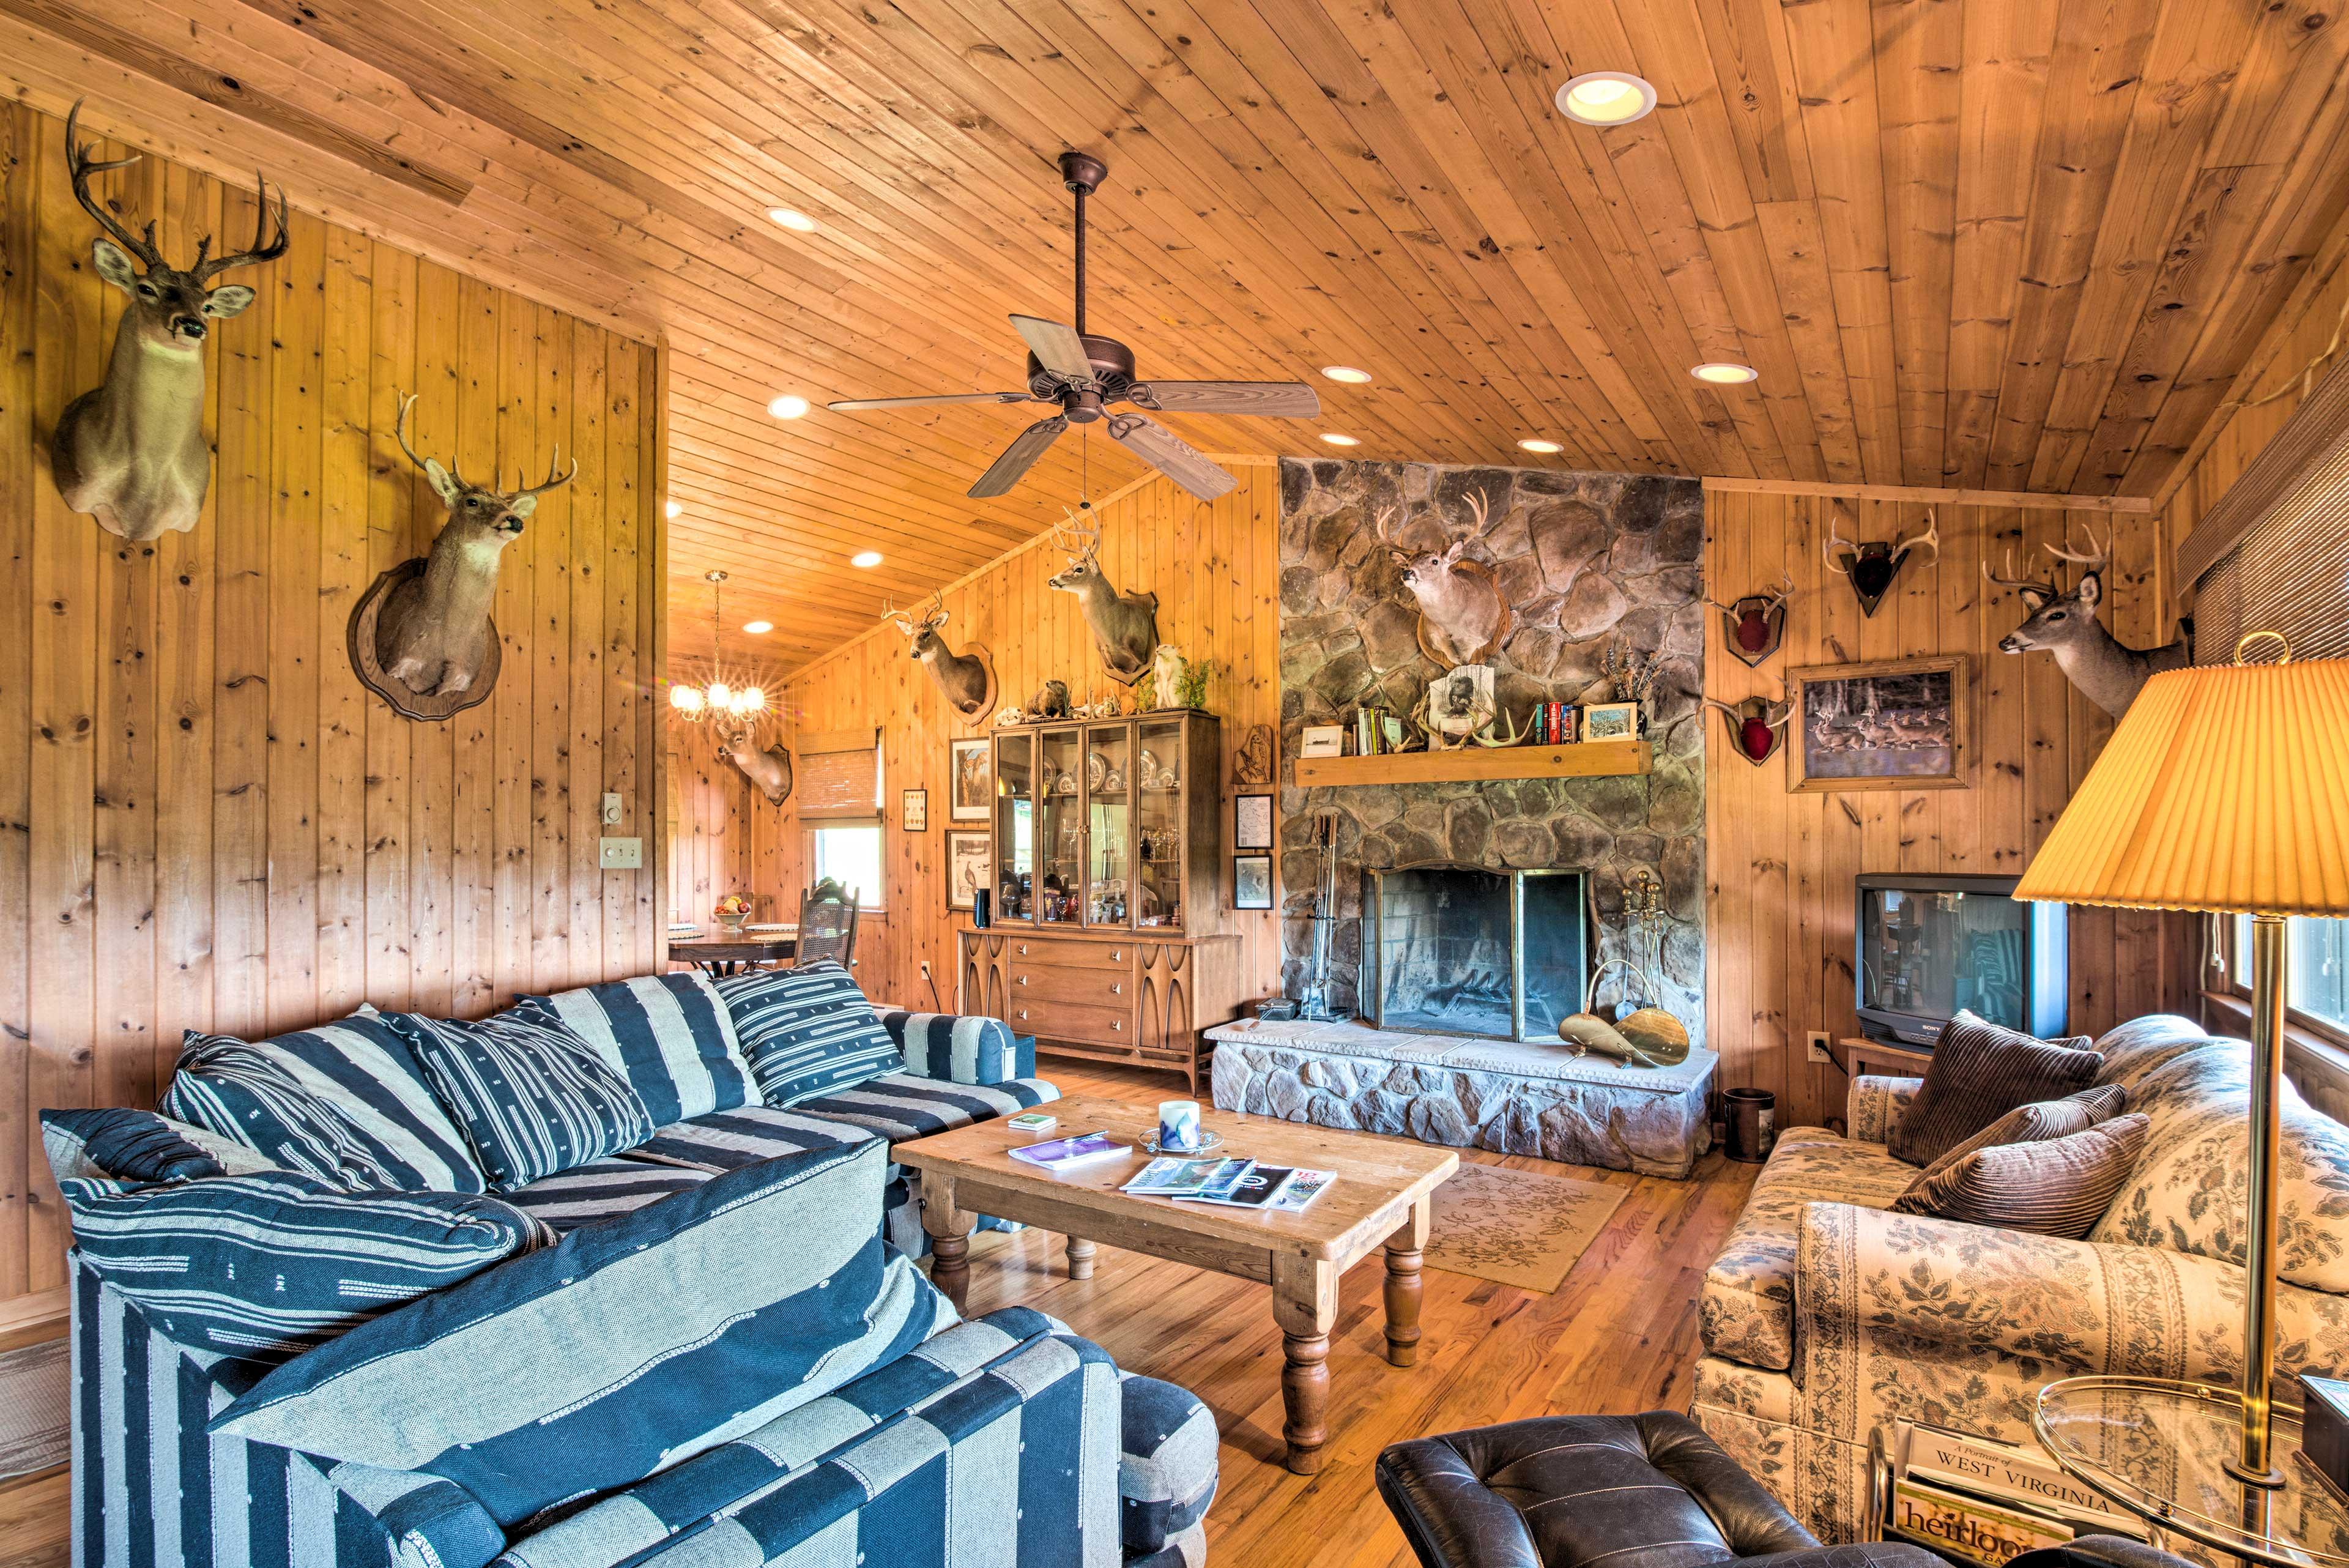 Book a trip to this cozy 3-bedroom, 2-bathroom vacation rental cabin.